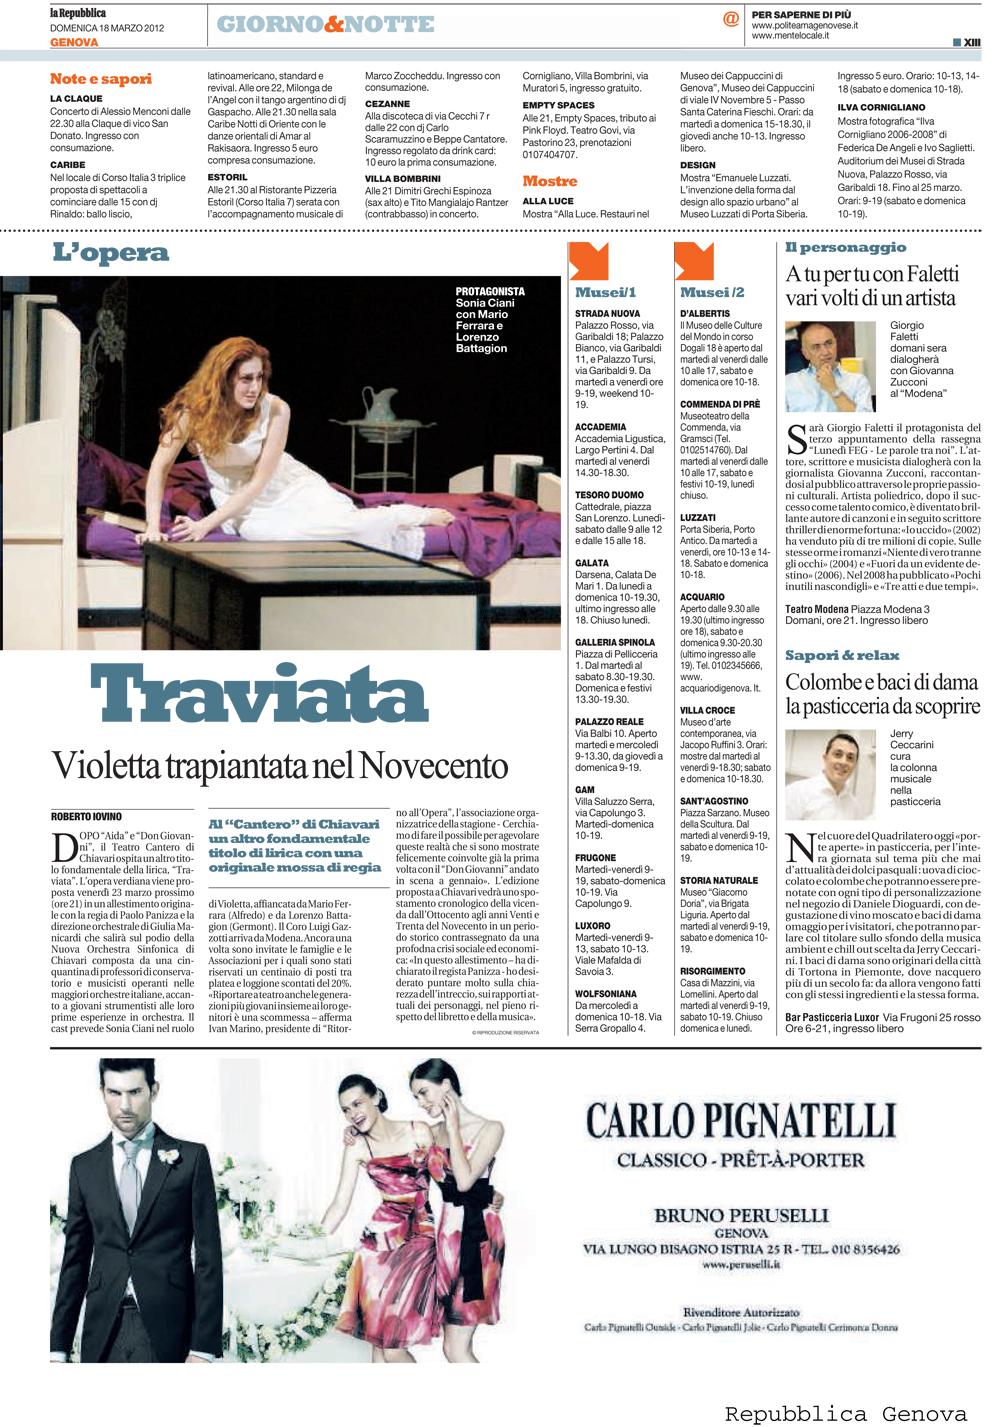 18.03.2012 – LA REPUBBLICA – La Traviata